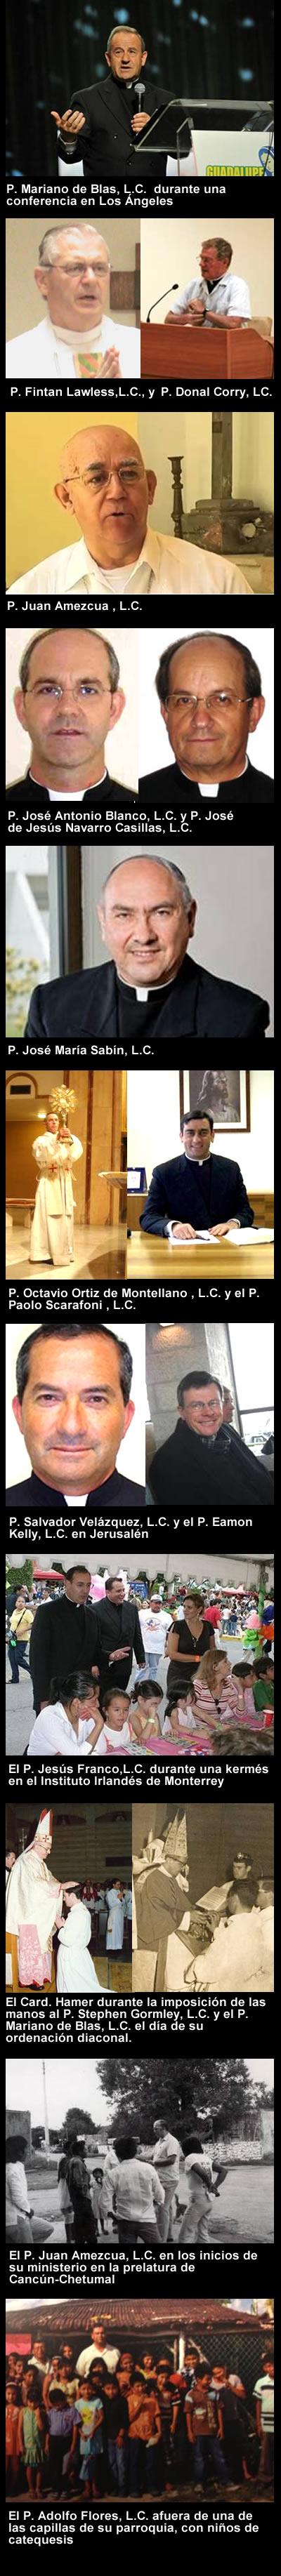 fotografias aniversario sacerdotal